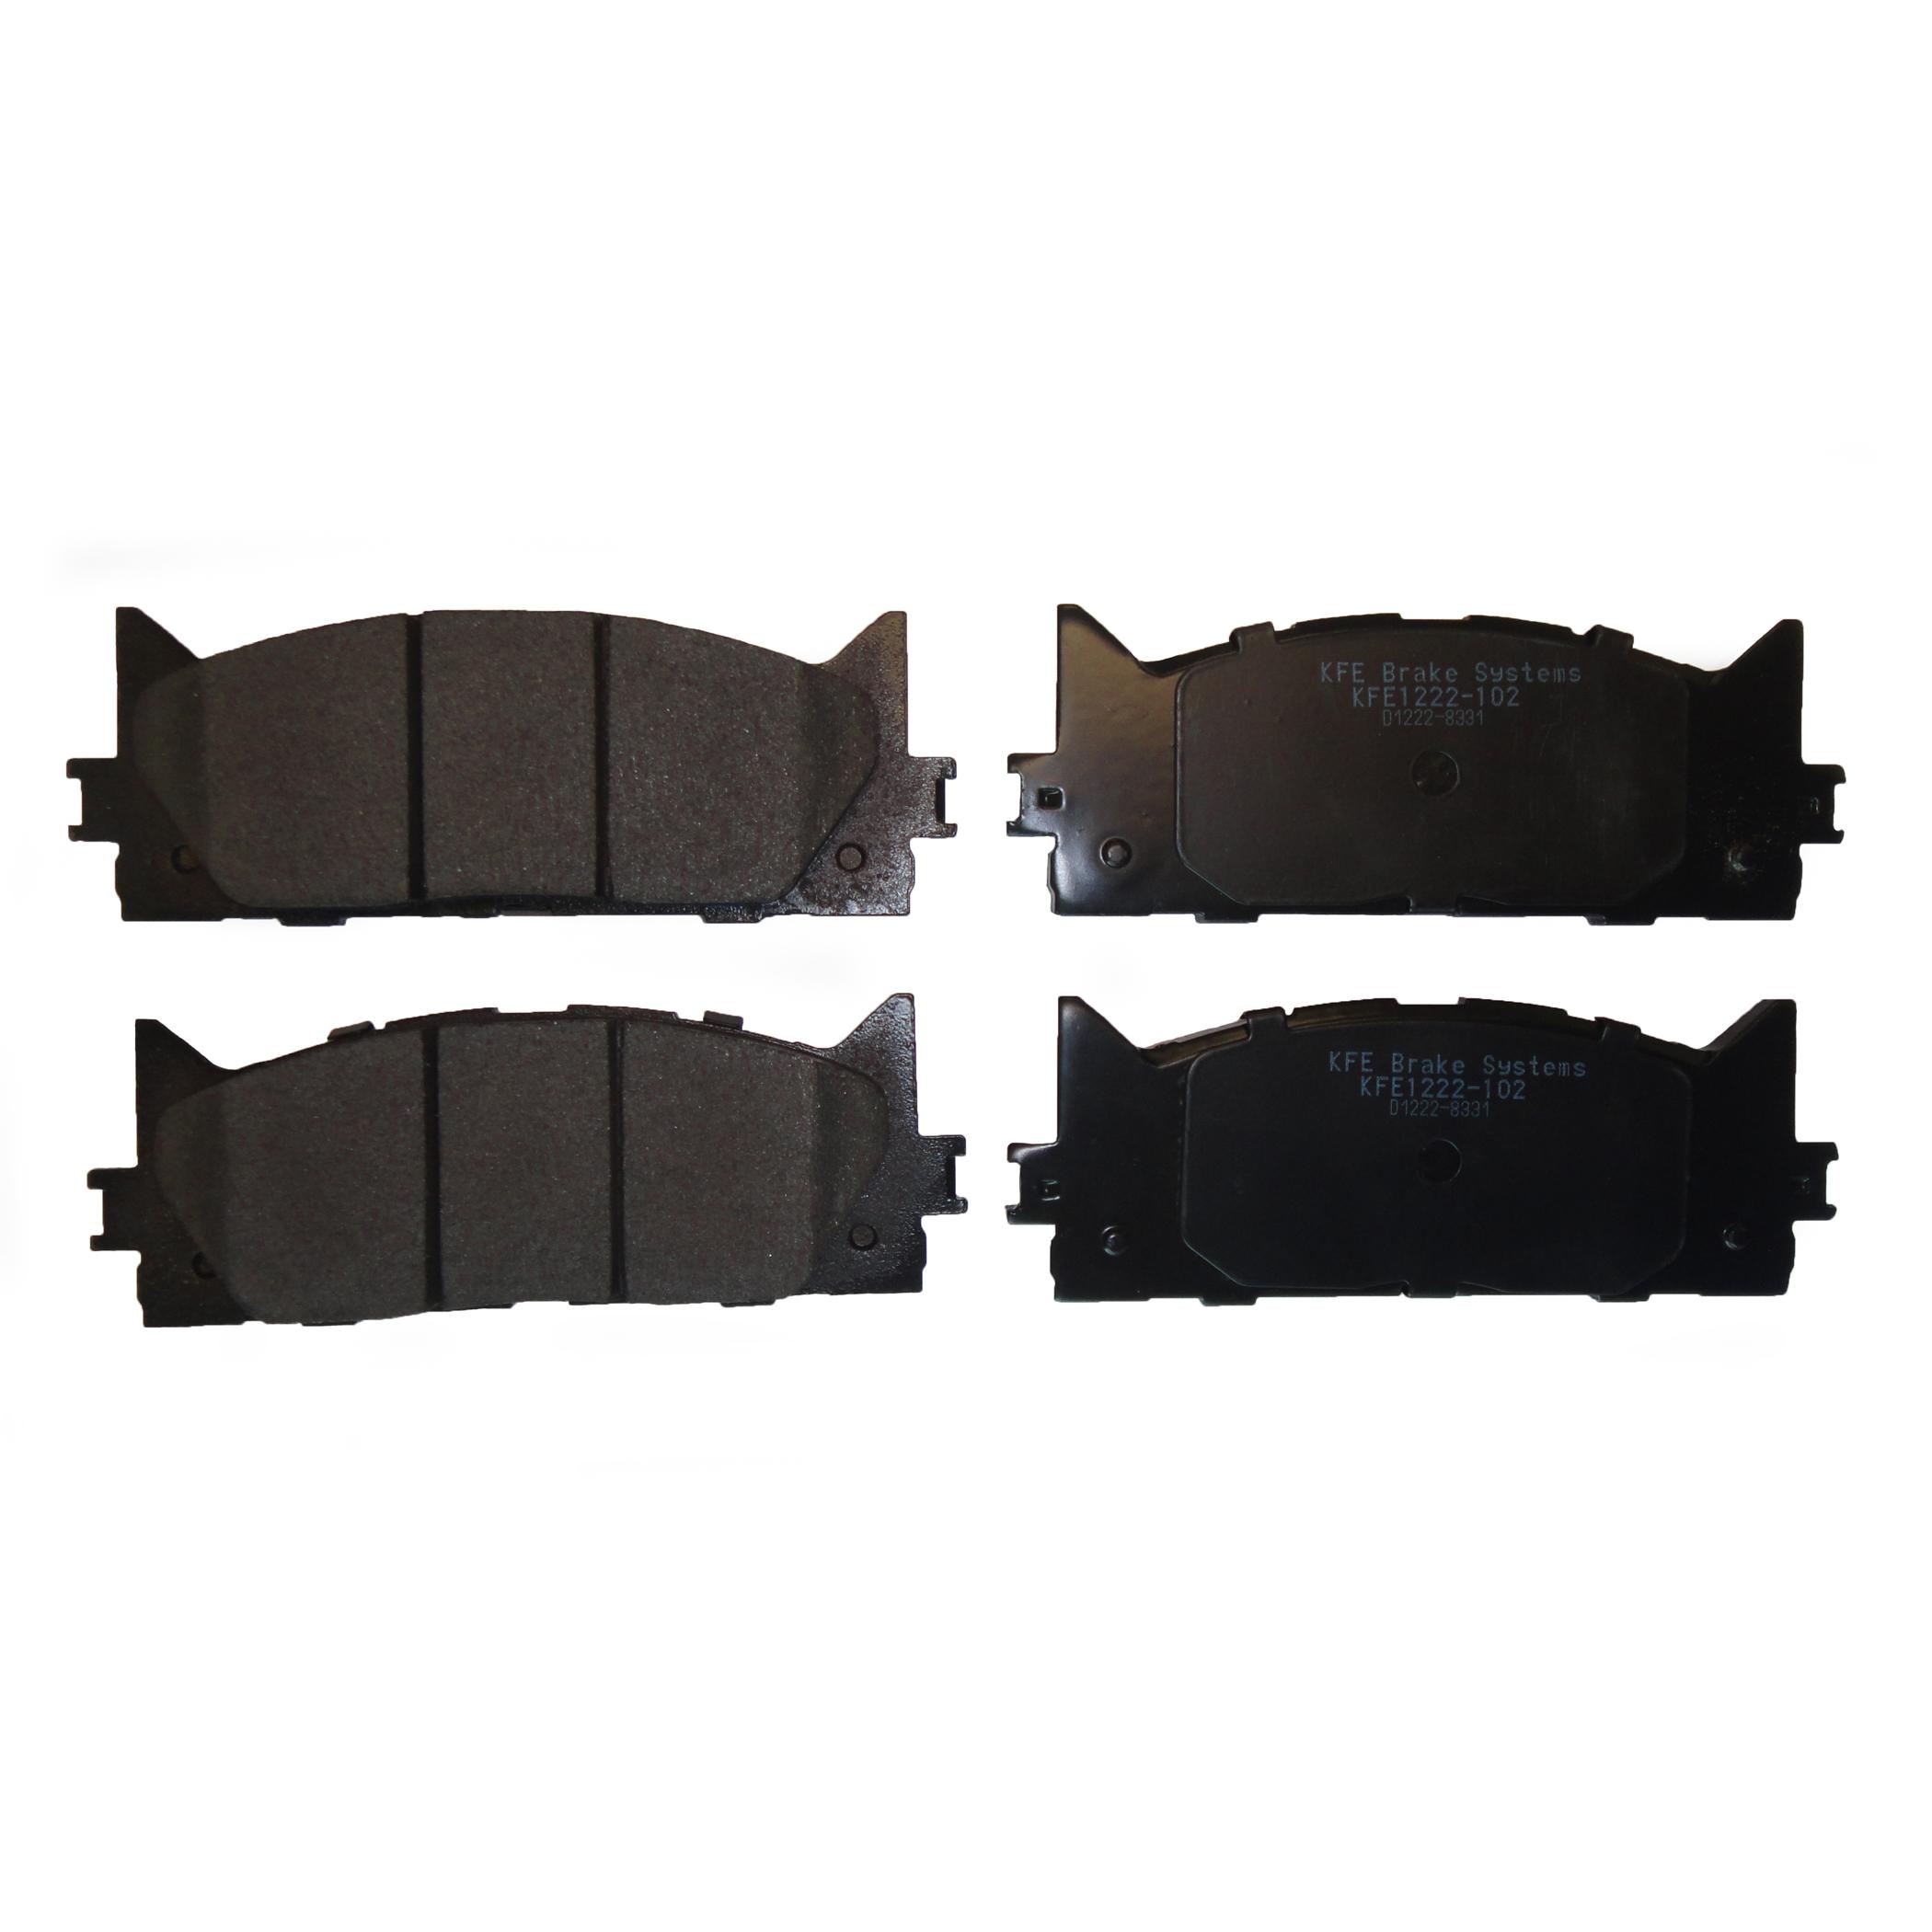 KFE1222-102 Quiet Comfort OE Brake Pad